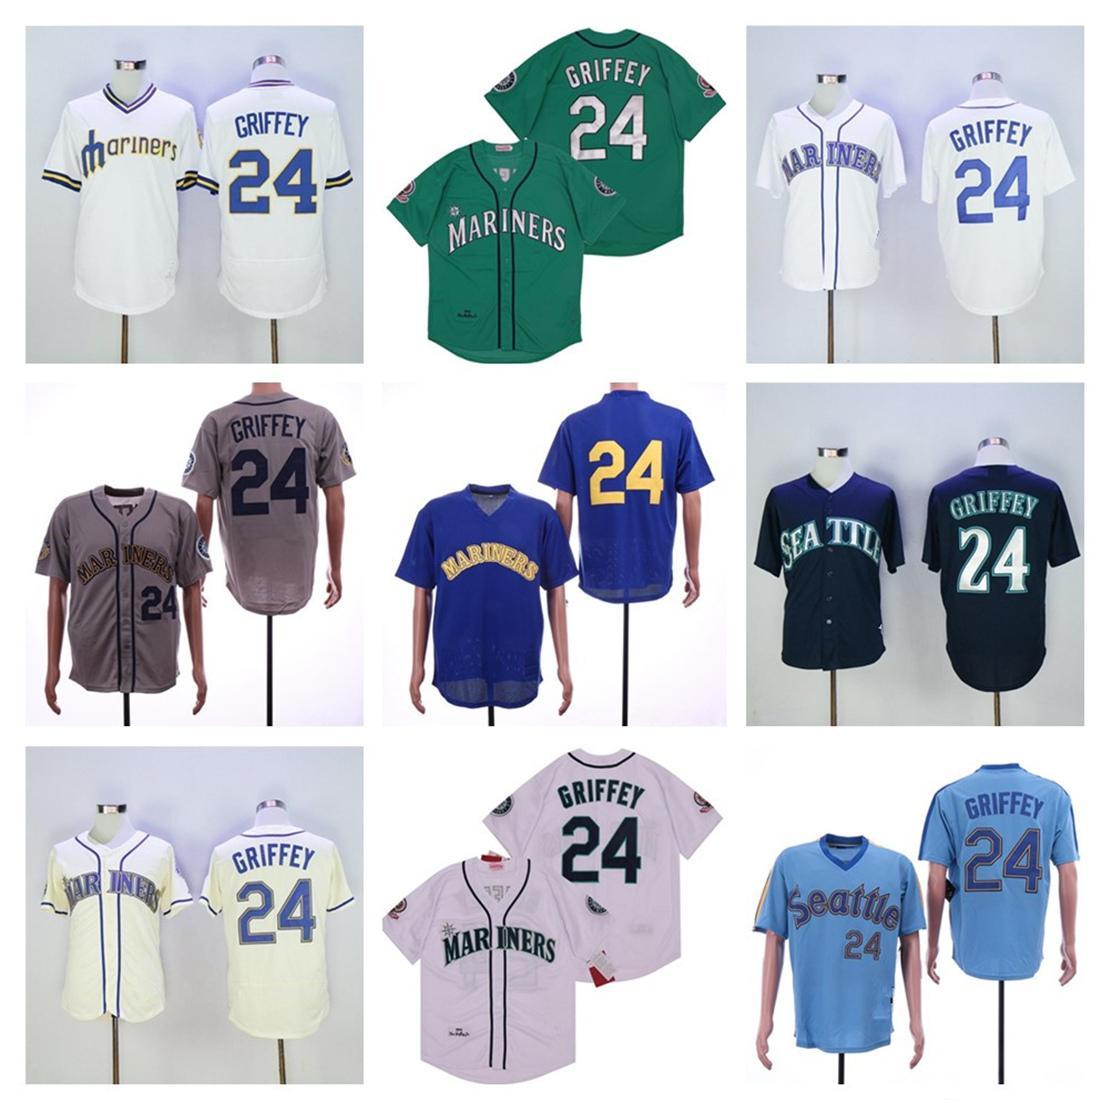 Erkekler Kadınlar Çocuklar Gençlik Seattle Beyzbol Formaları 24 Ken Griffey Jr Vintage Yeşil Lacivert Mavi Bej Gri Dikişli Flexbase 2016 Serin Base